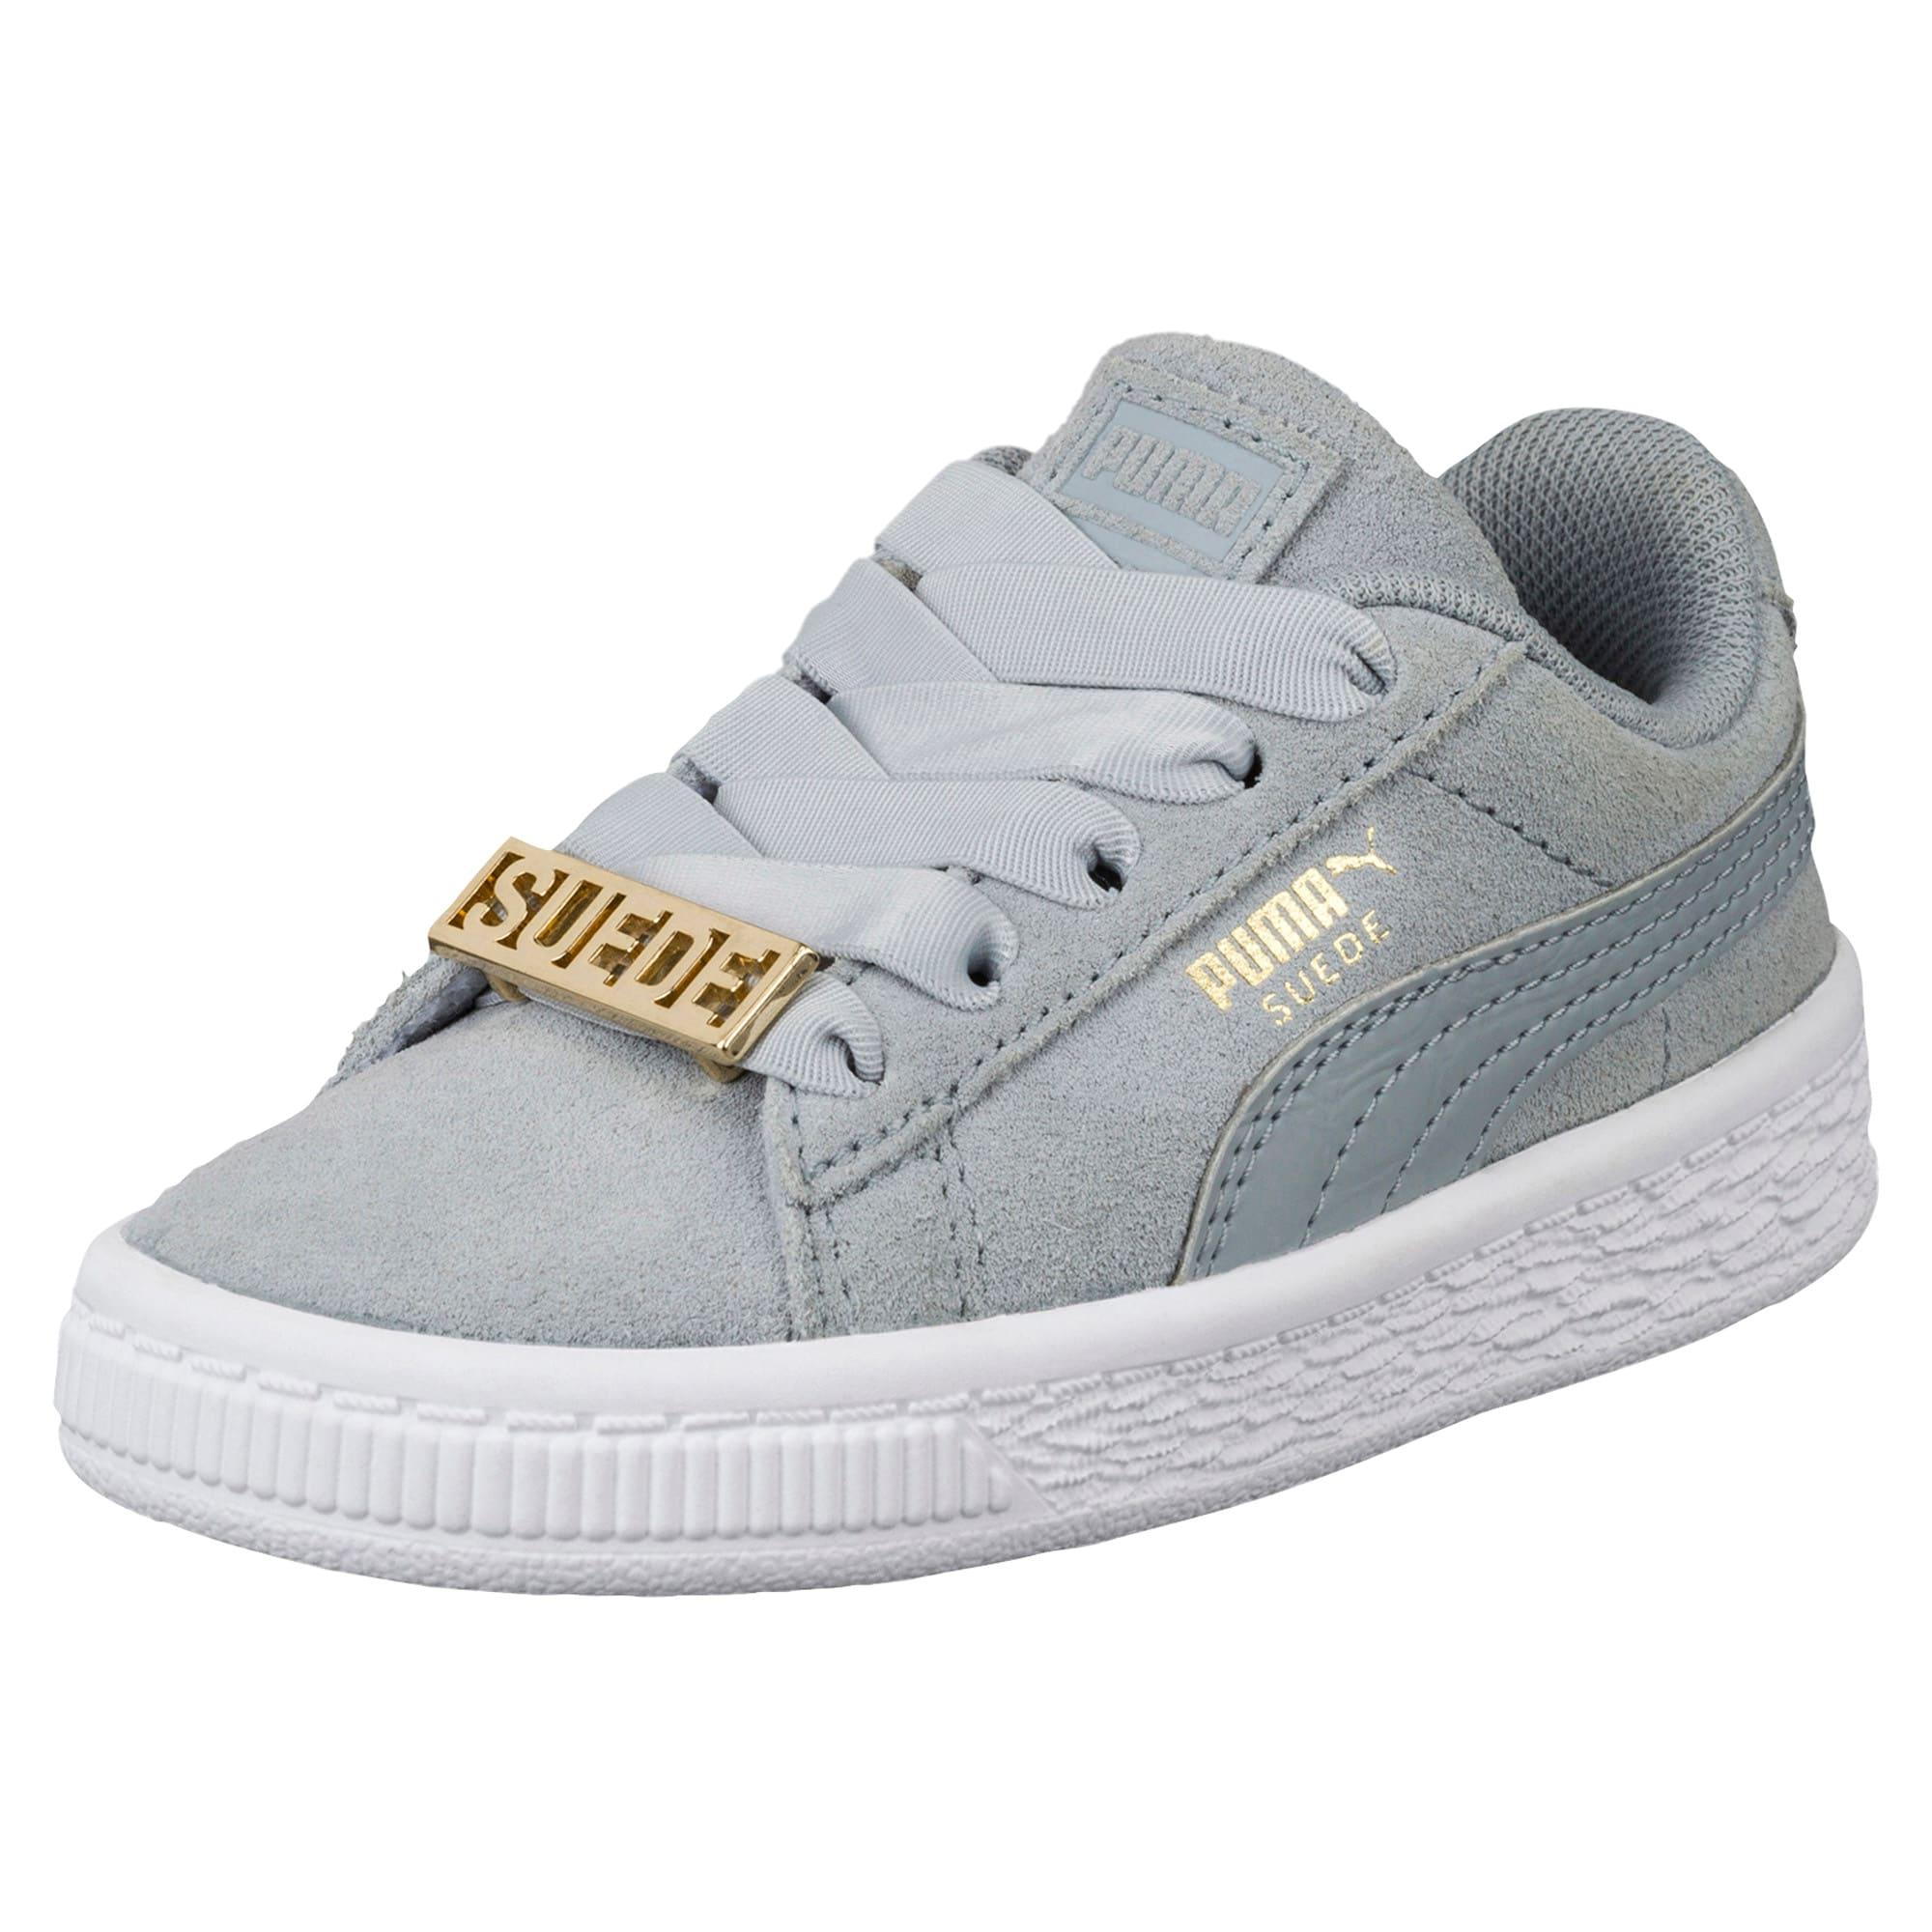 Miniatura 1 de Zapatos Suede Classic B-BOY Fabulous para bebé, Quarry-Quarry, mediano